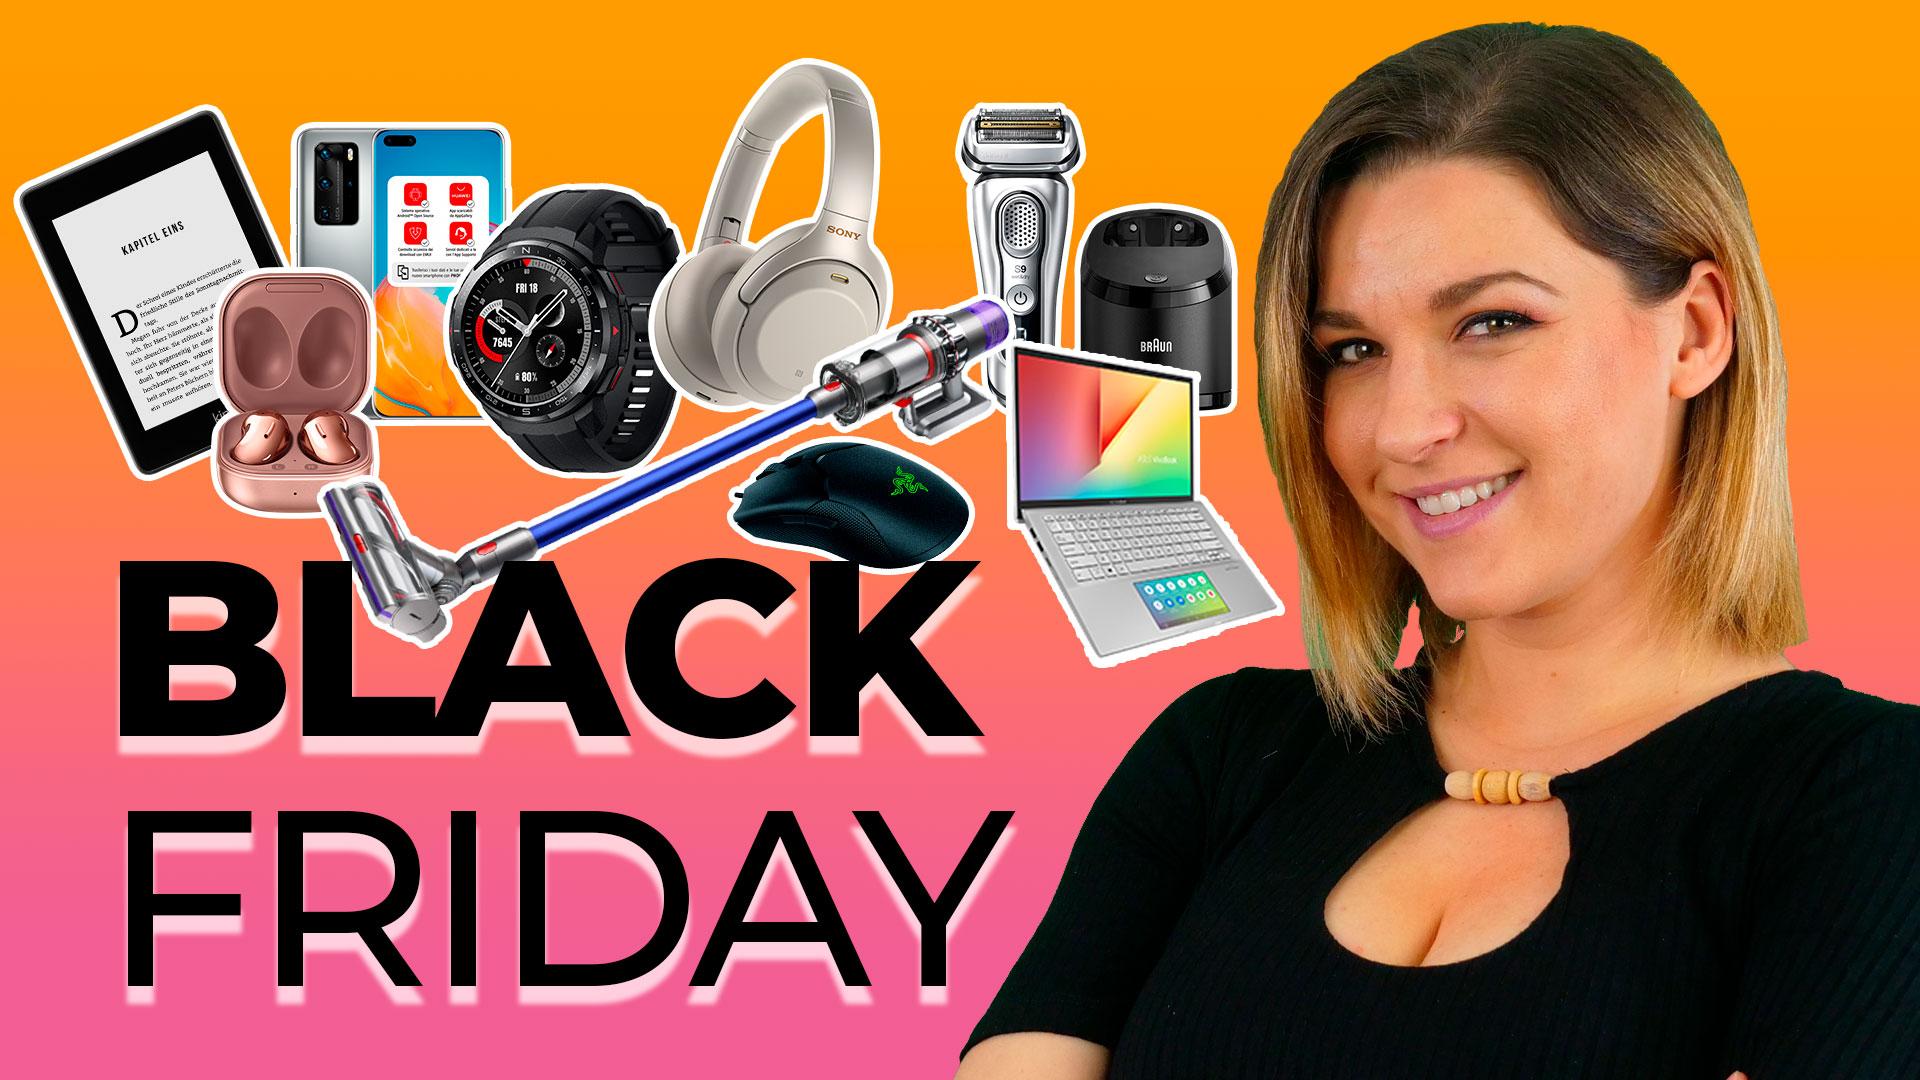 Sconti Amazon Black Friday e Cyber Monday: la guida alle migliori offerte del 2020 [Aggiornata] thumbnail